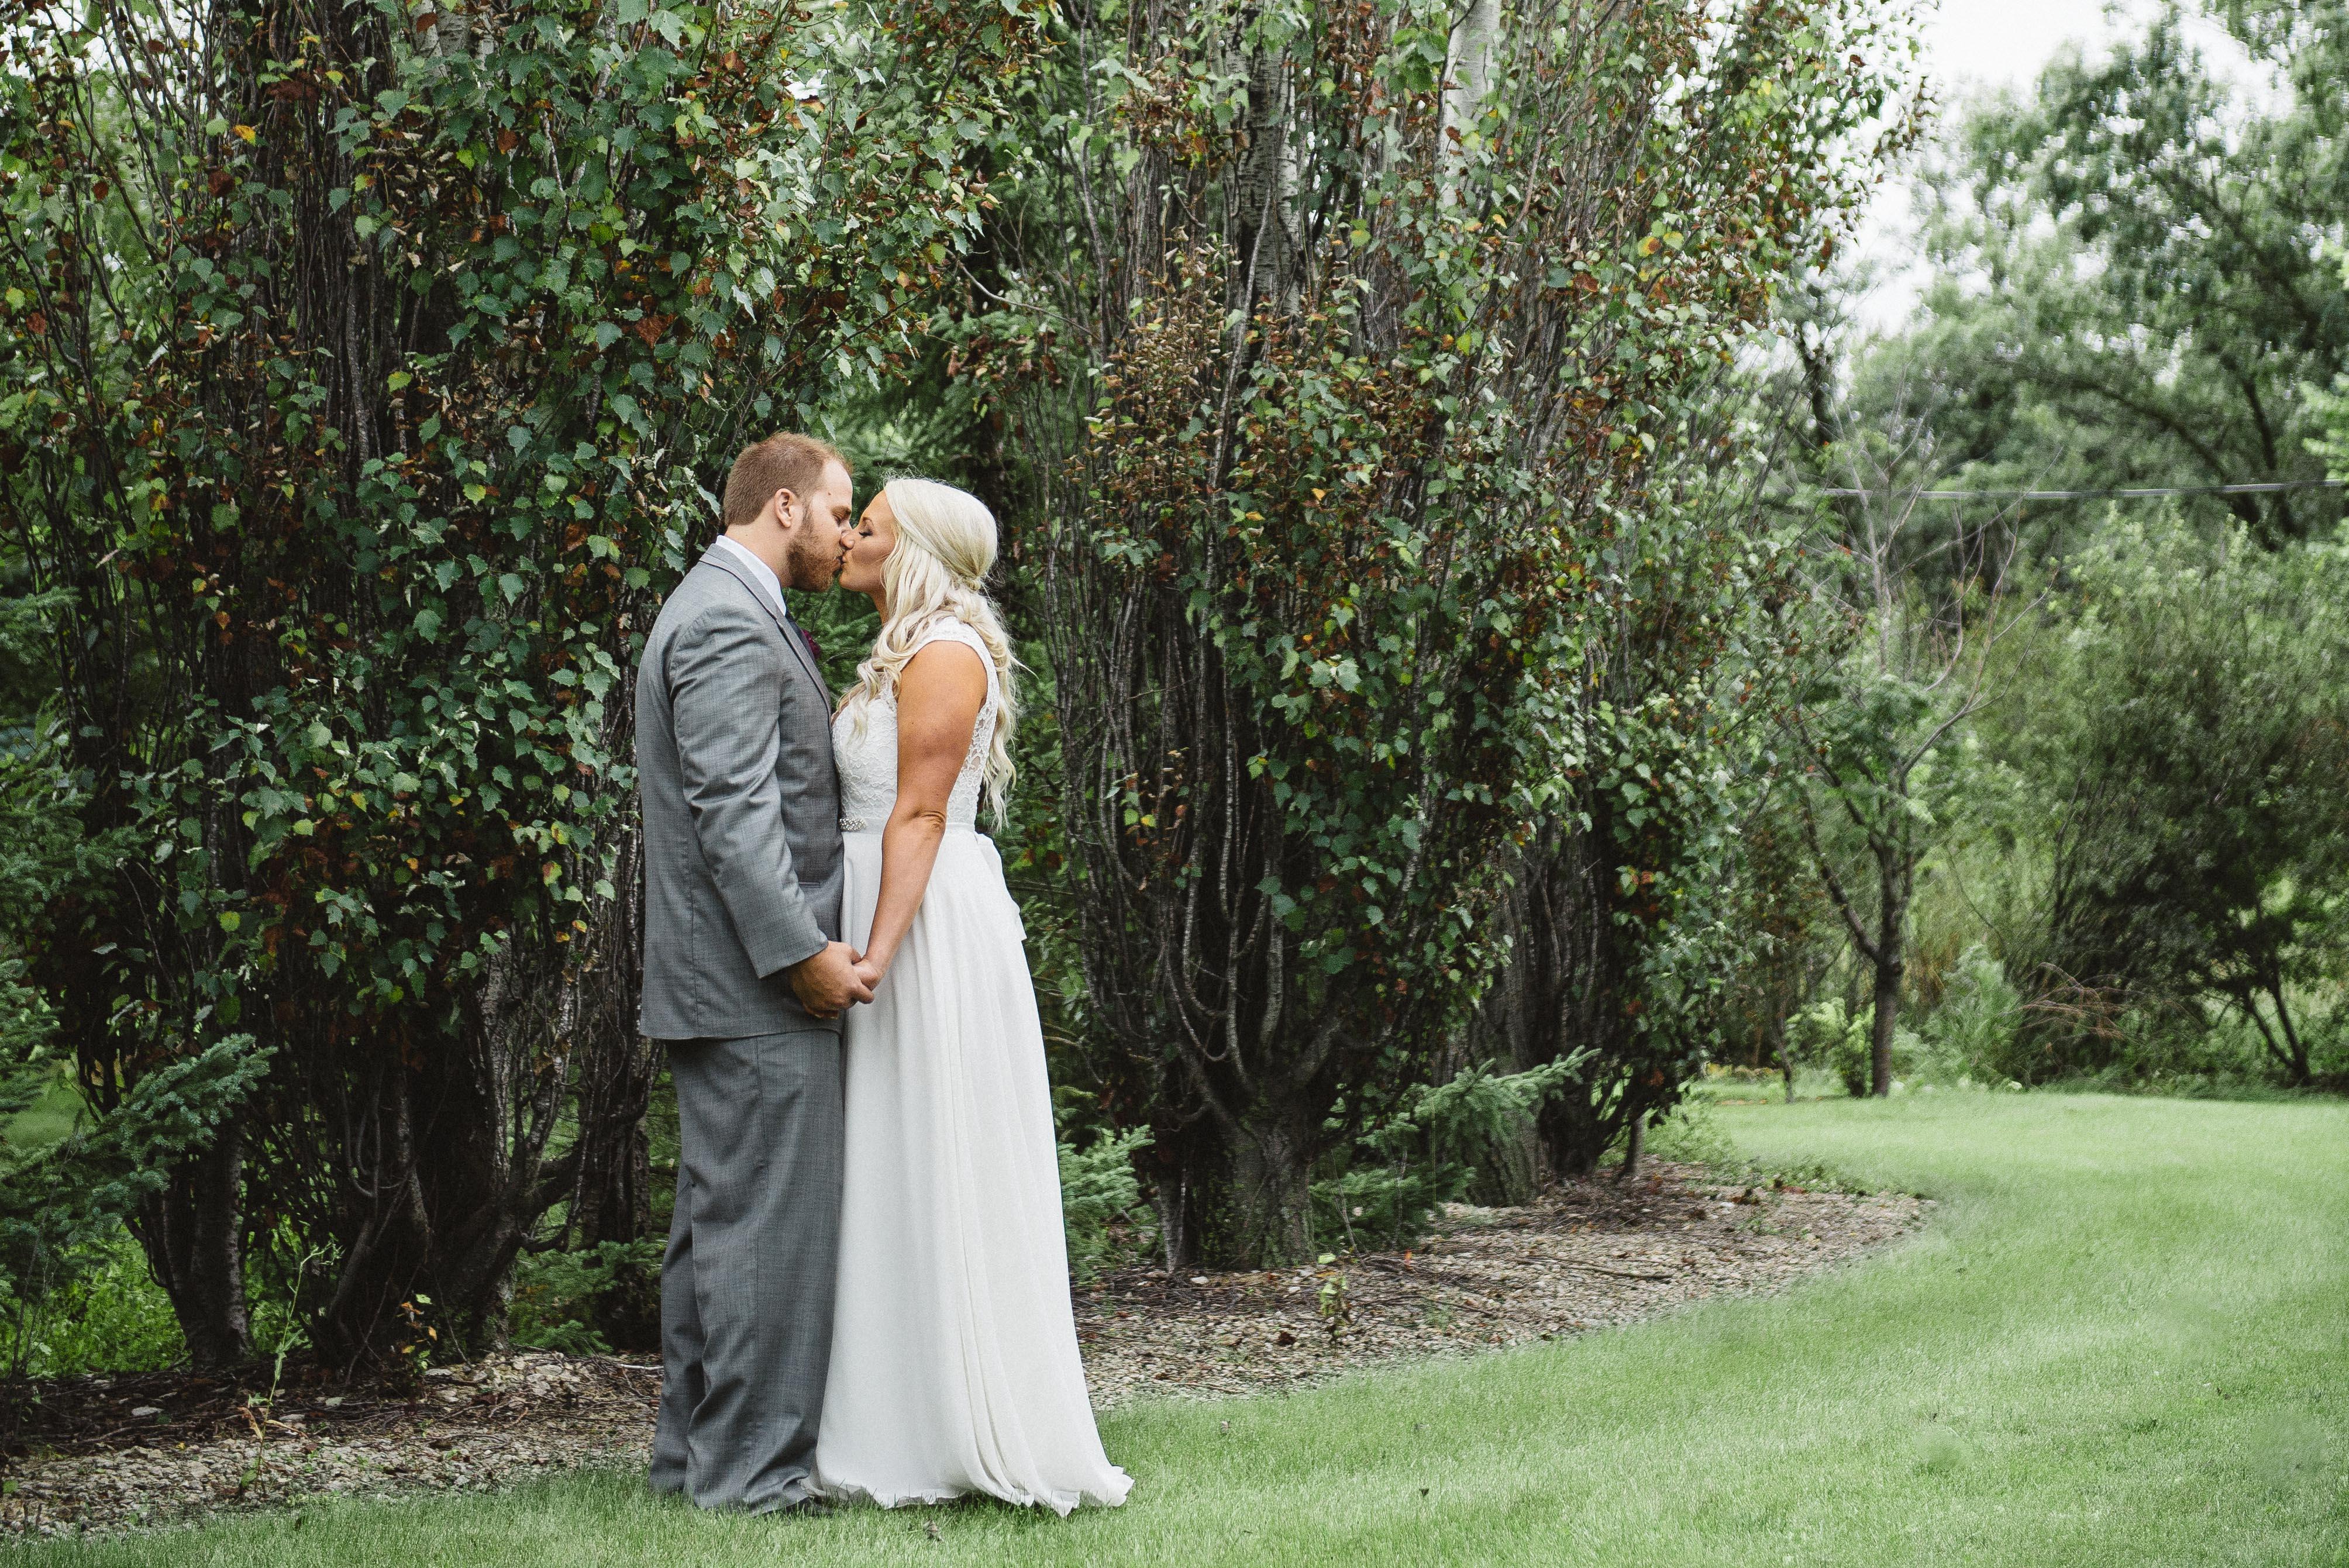 Hallie Gnatovich Wedding Pictures.Hallie Gnatovich Josh Gates Wedding